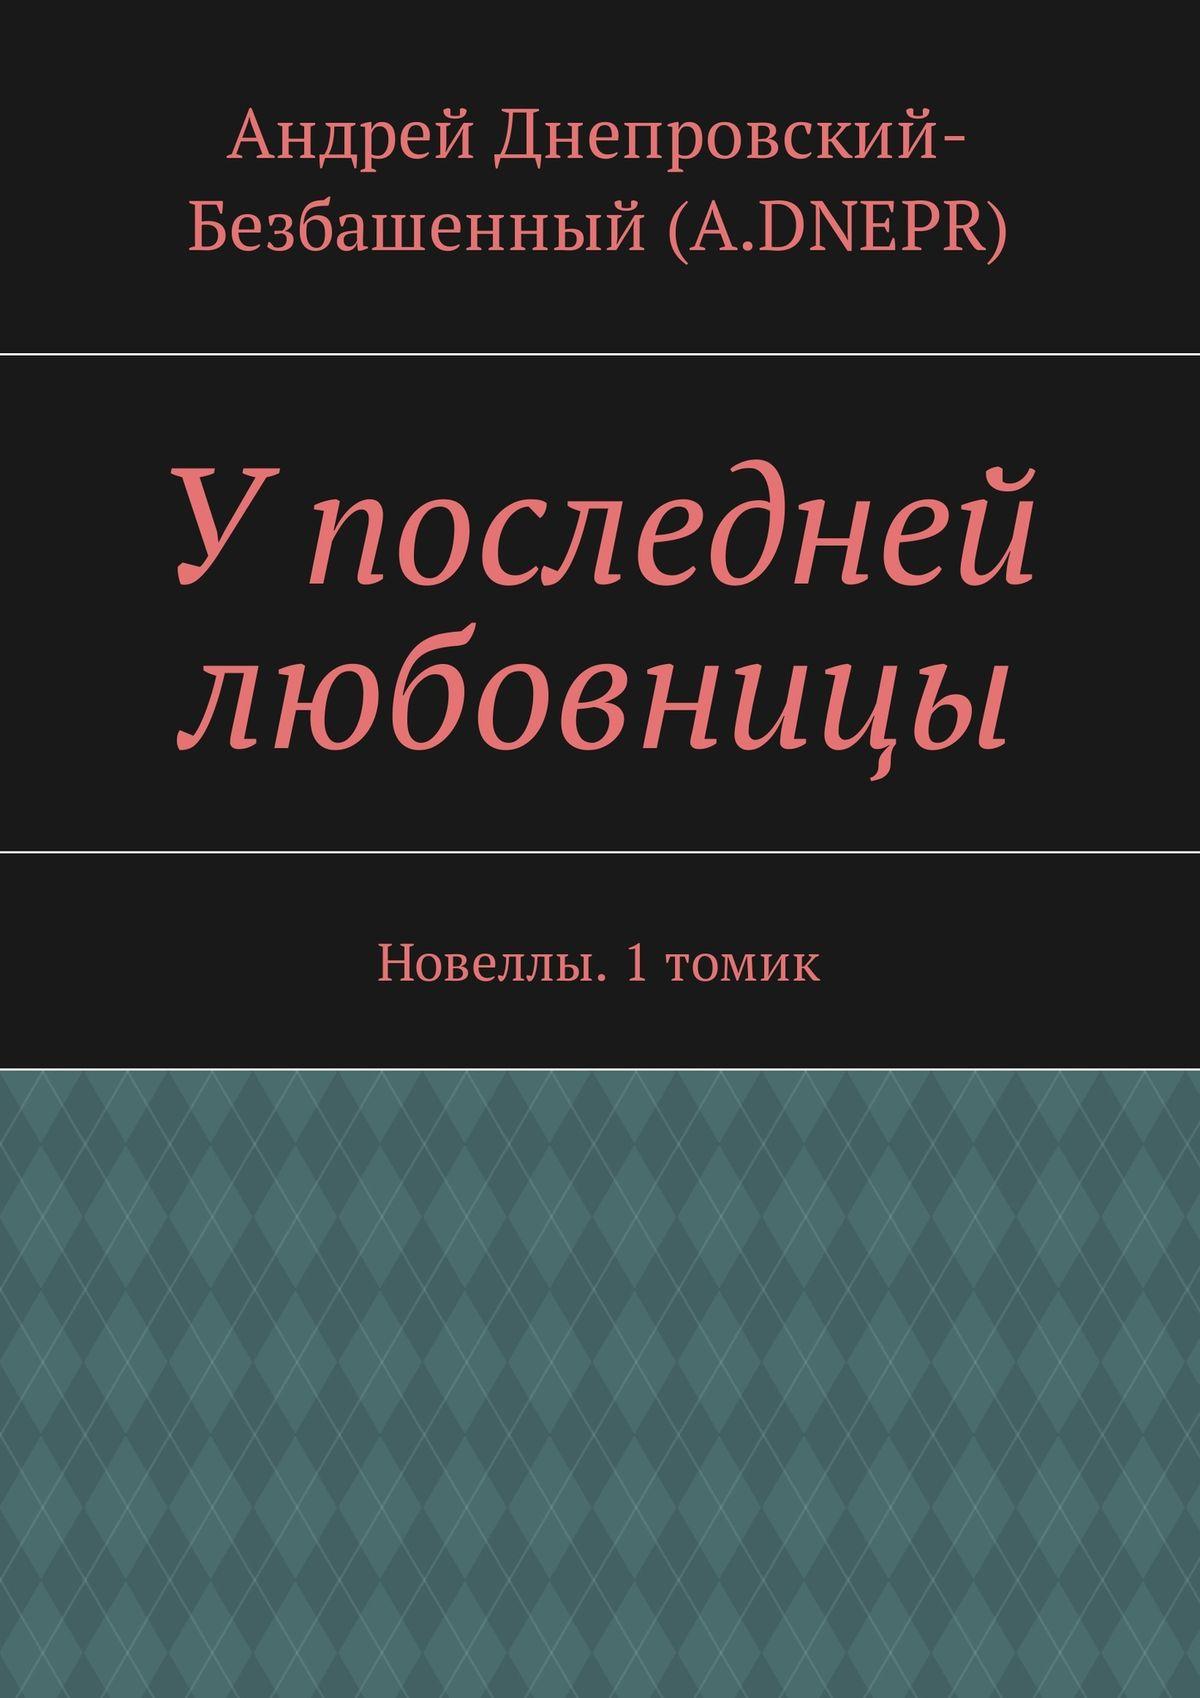 Андрей Днепровский-Безбашенный (A.DNEPR) У последней любовницы. Новеллы. 1томик